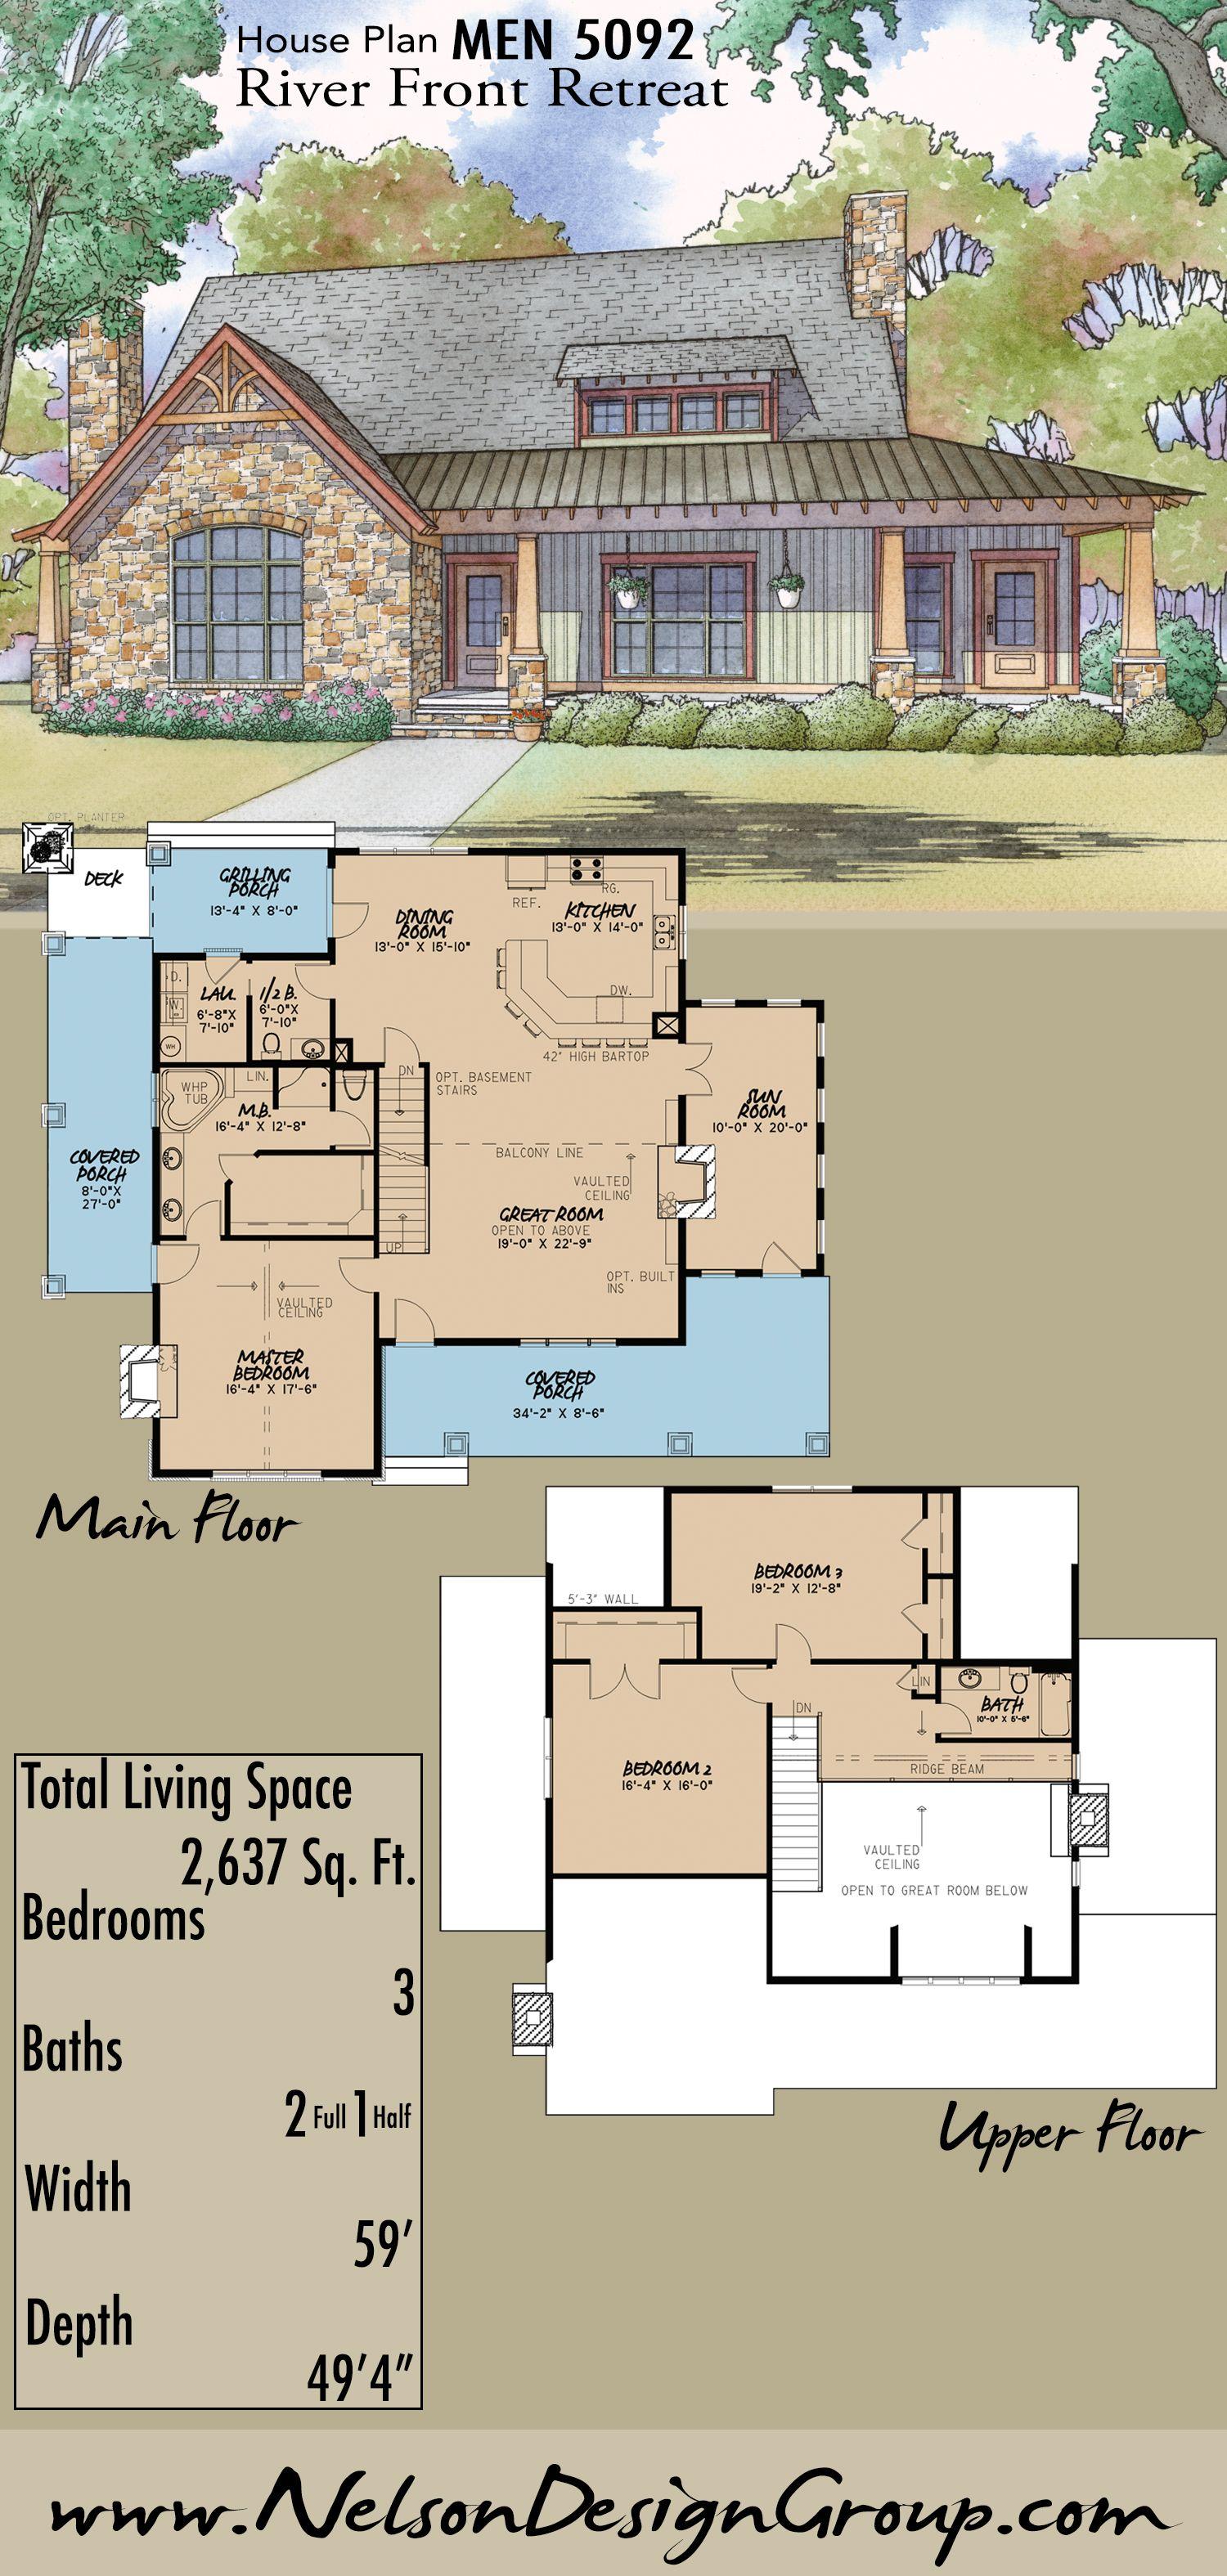 Houses Houseplans Homeplans Houseplan Homeplan Rustic Dreamhome Cottage Floor Plans Rustic House Plans House Blueprints